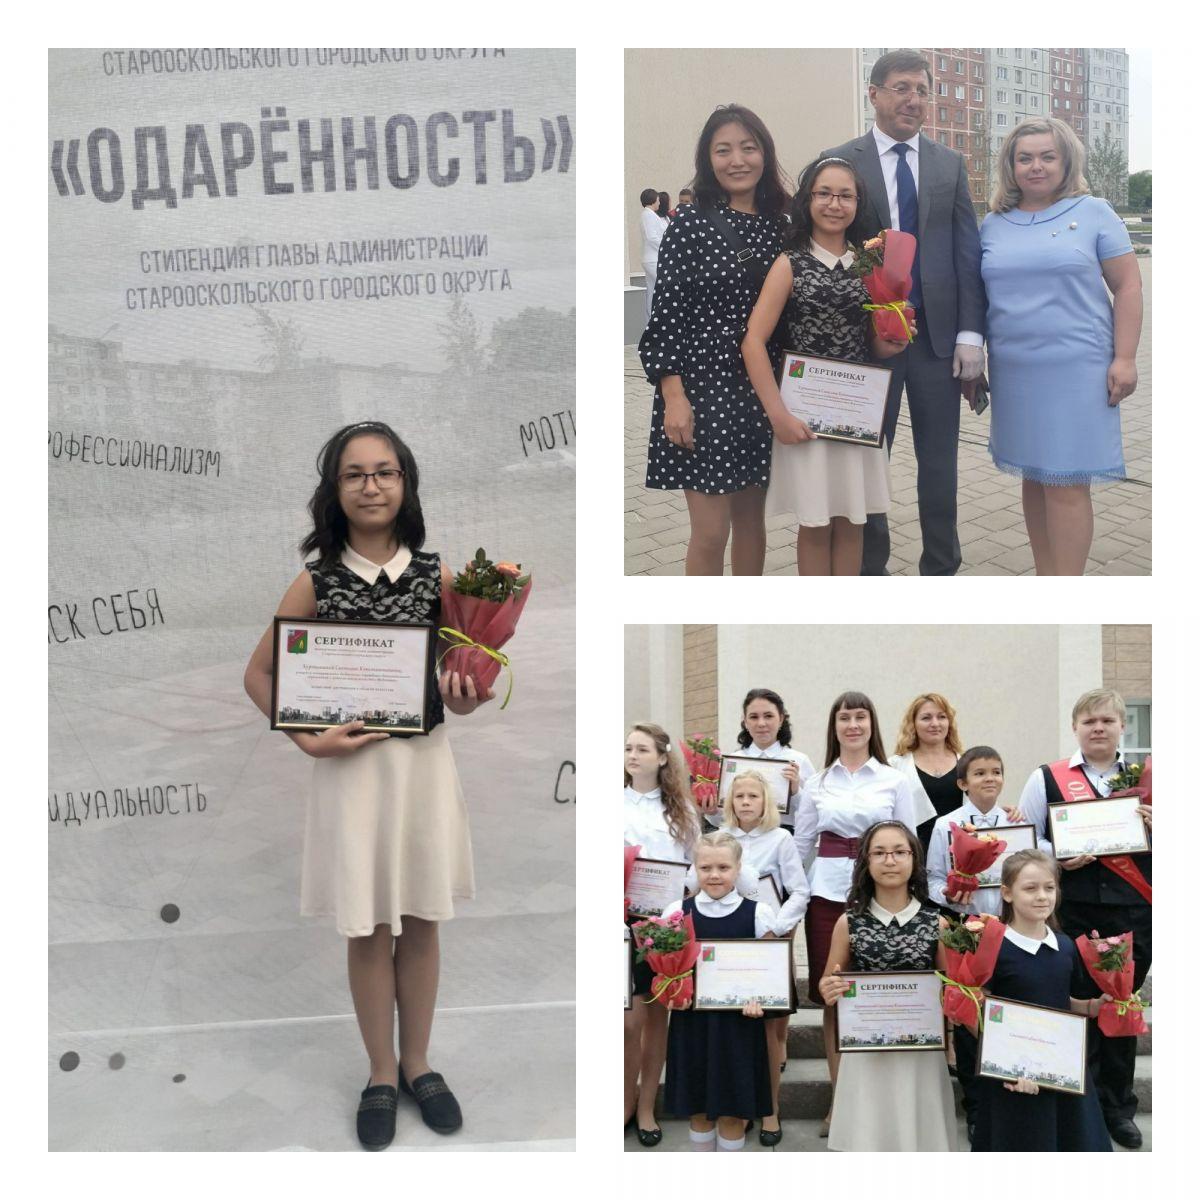 Хуртынина Светлана - стипендиат Главы администрации Старооскольского городского округа.